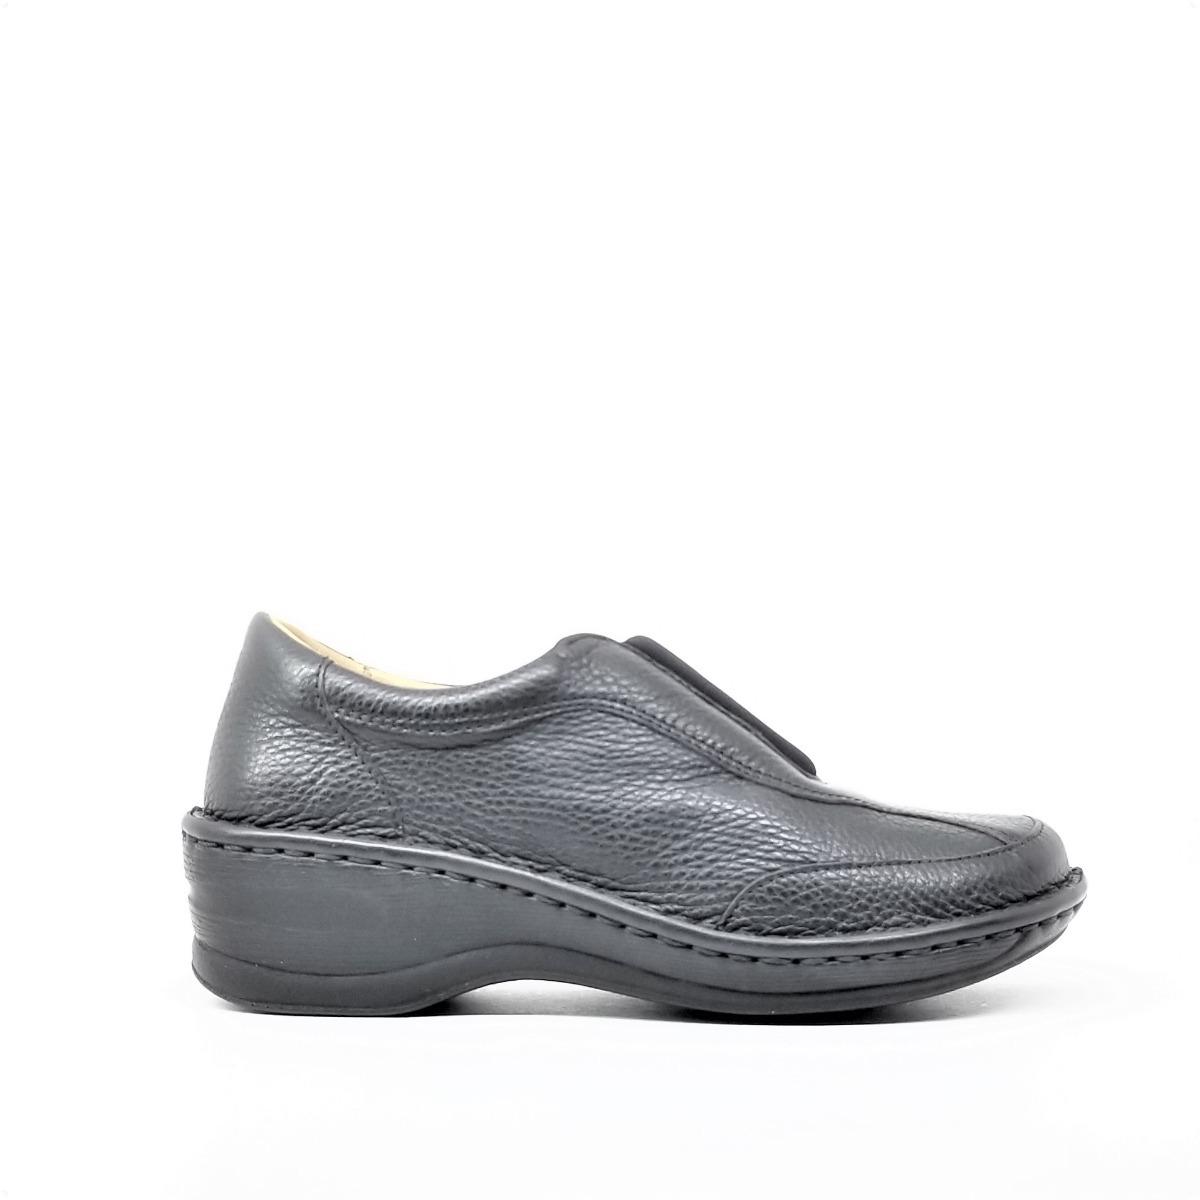 f2b41103f zapato mujer eli confort cuero suela goma tibay calzados. Cargando zoom.